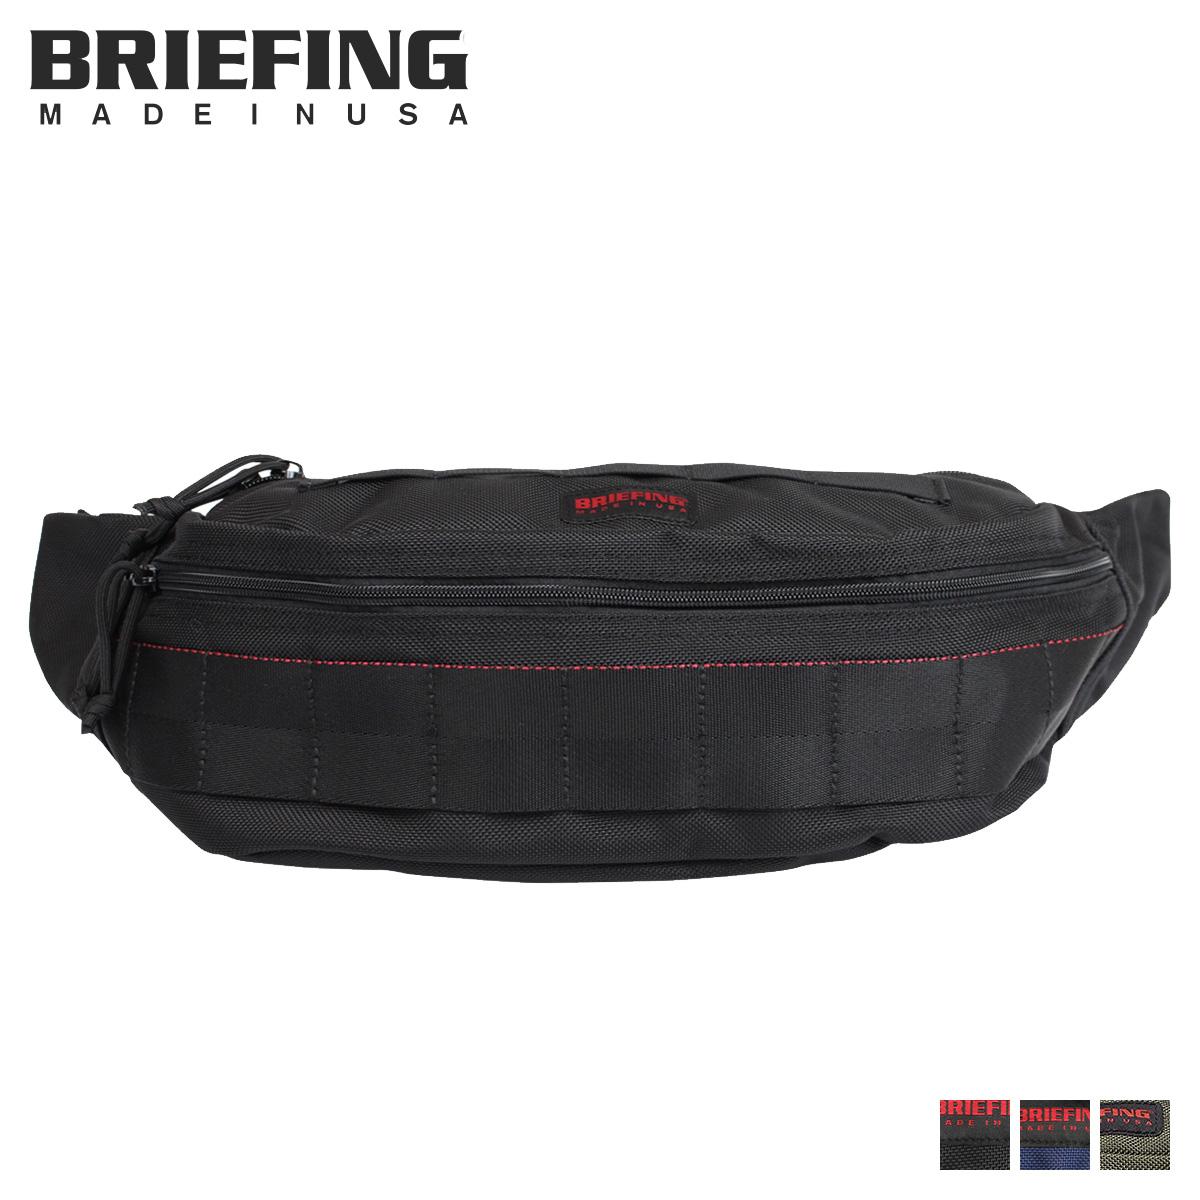 BRIEFING MASTER POD ブリーフィング ボディバッグ ウエストバッグ メンズ ブラック ネイビー BRF225219